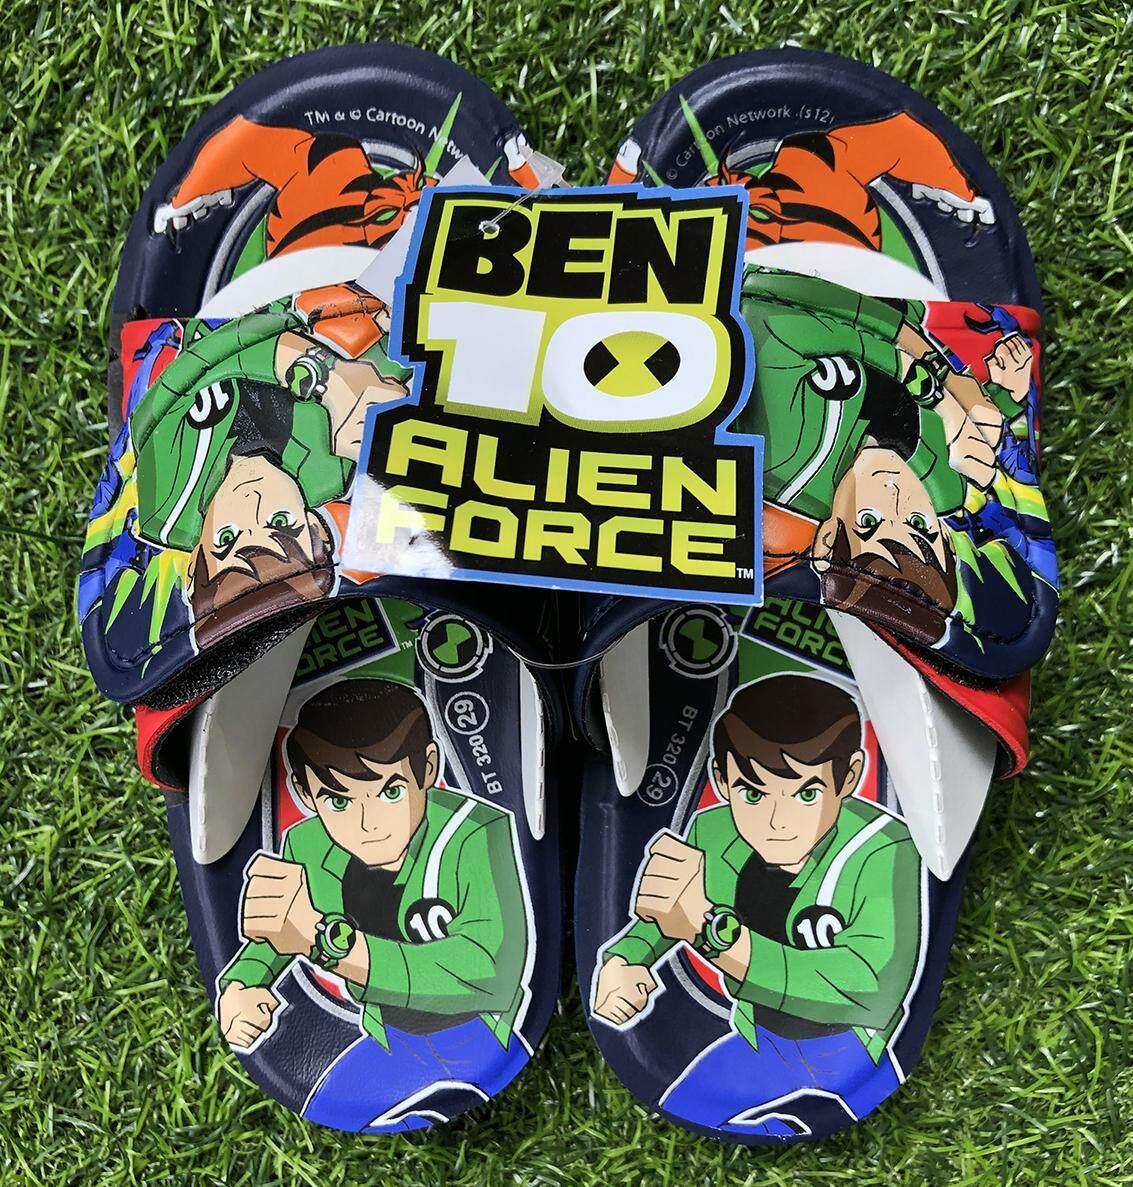 รองเท้าแตะแบบสวมลาย Ben10 ลิขสิทธิ์แท้.